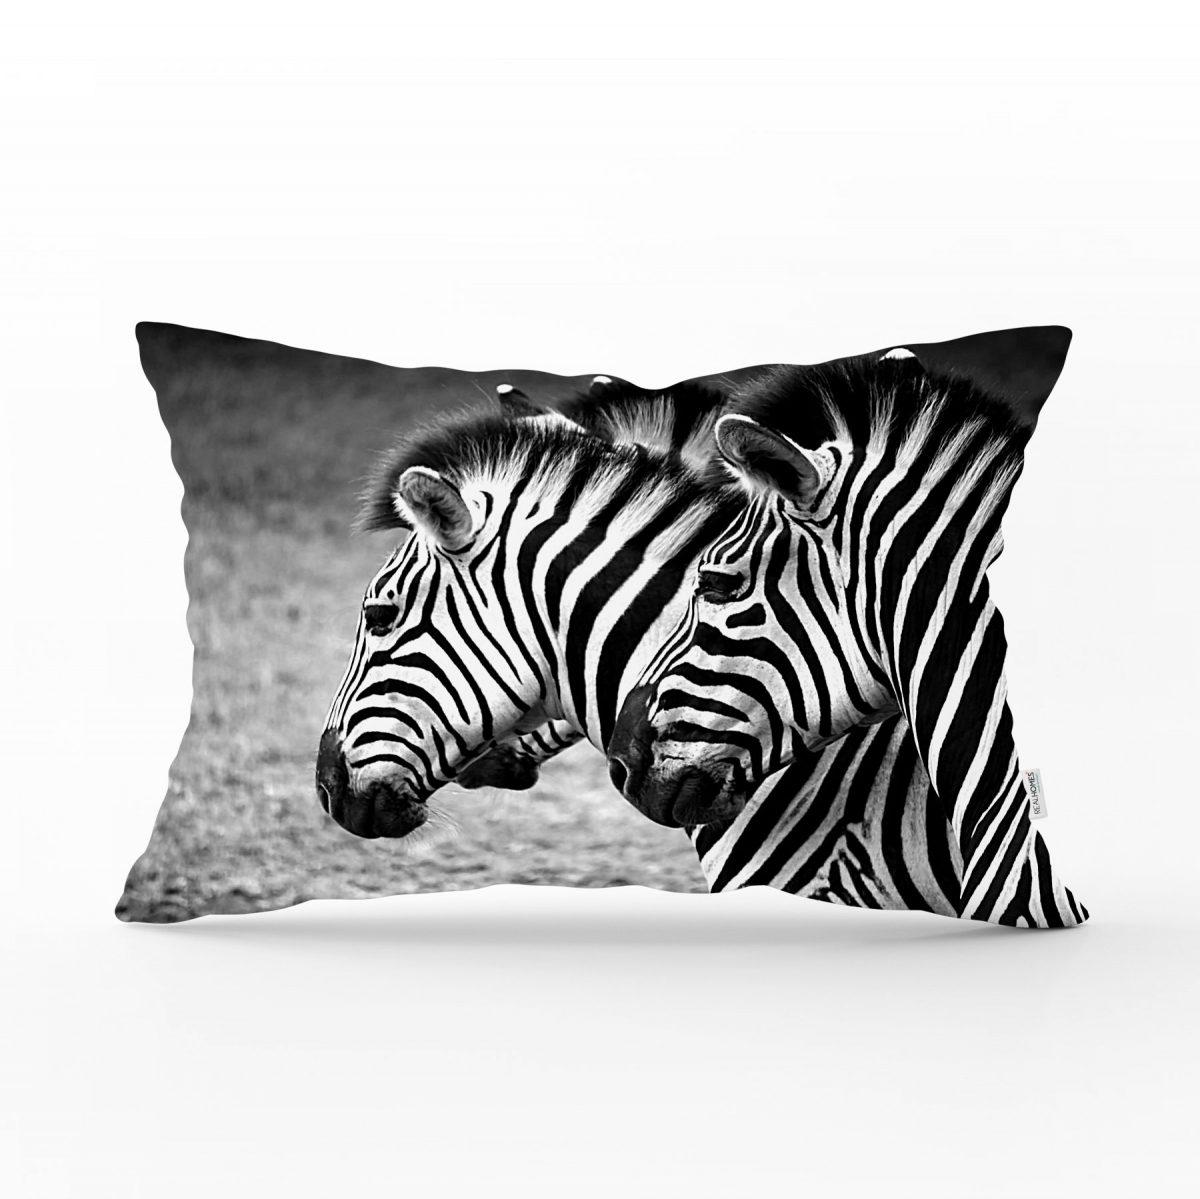 Modern Zebra Desen Dijital Baskılı Dikdörtgen Yastık Kırlent Kılıfı Realhomes